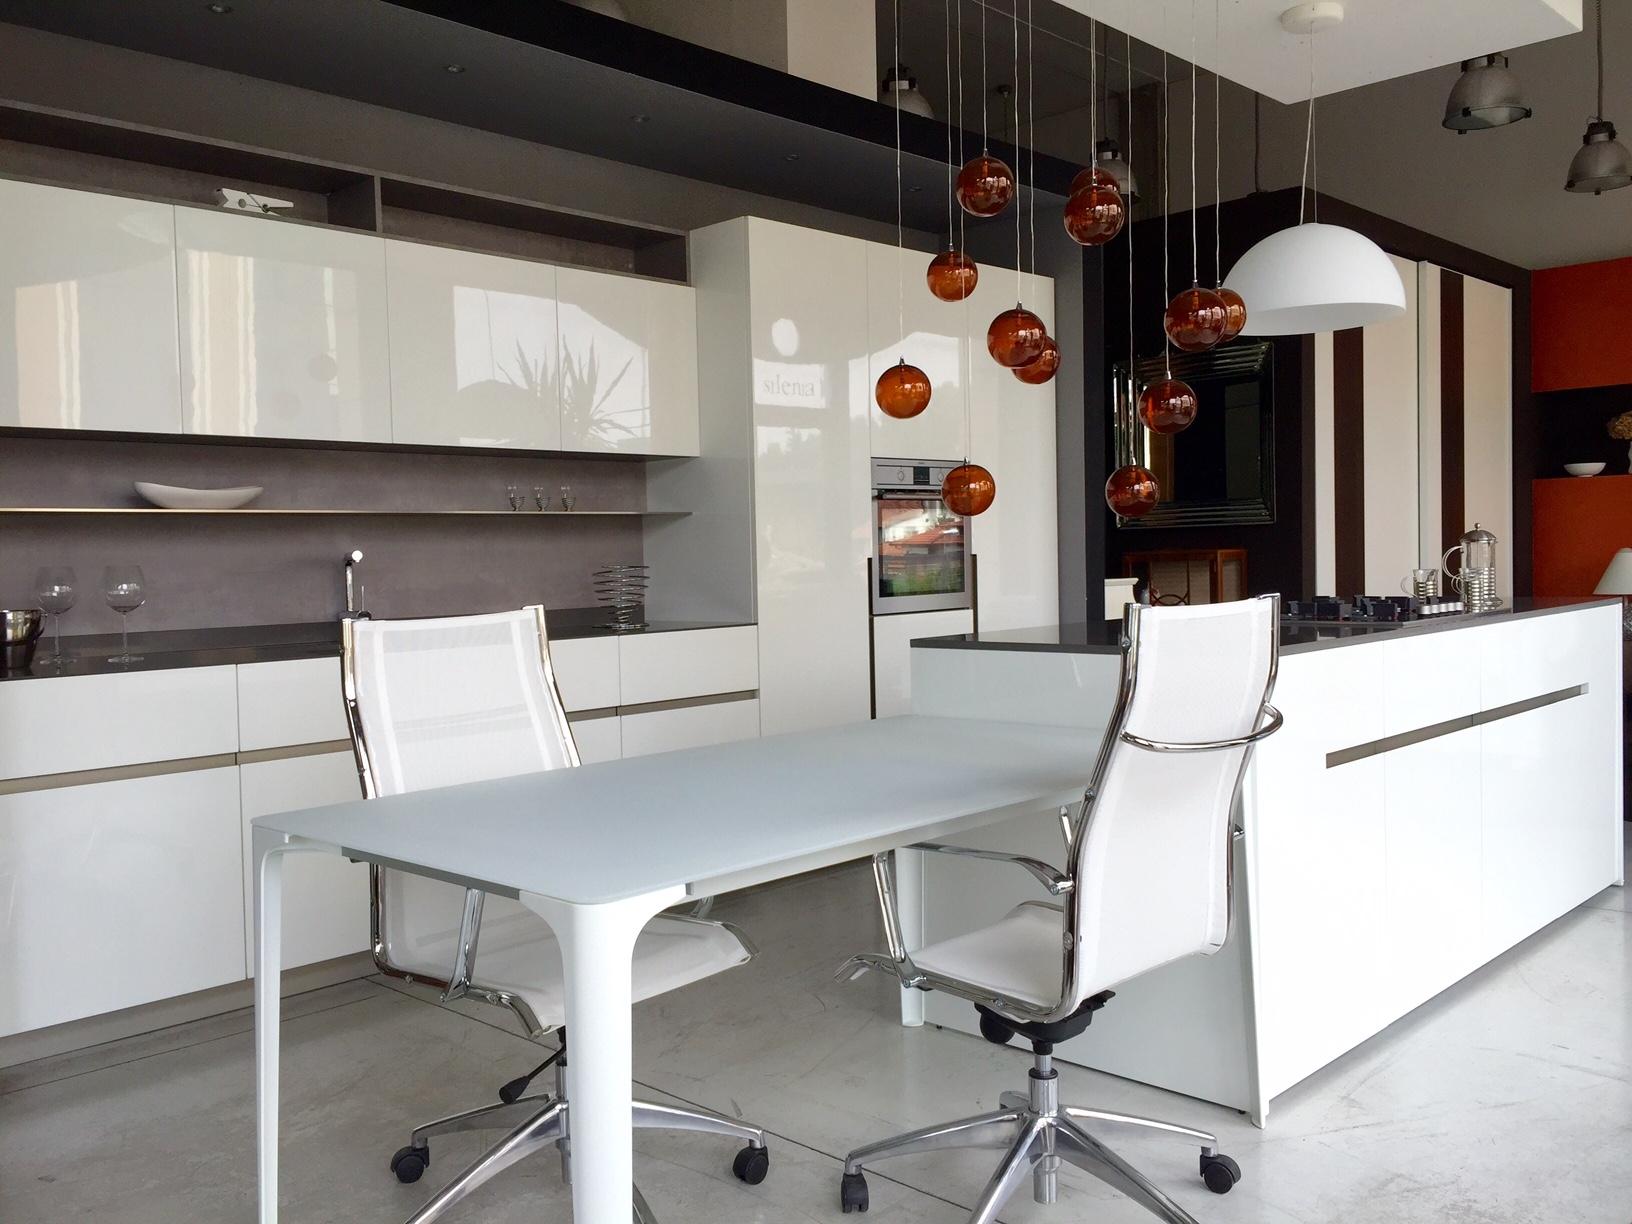 Cucina elmar modello home design laccato lucido bianca - Cucine in cemento ...